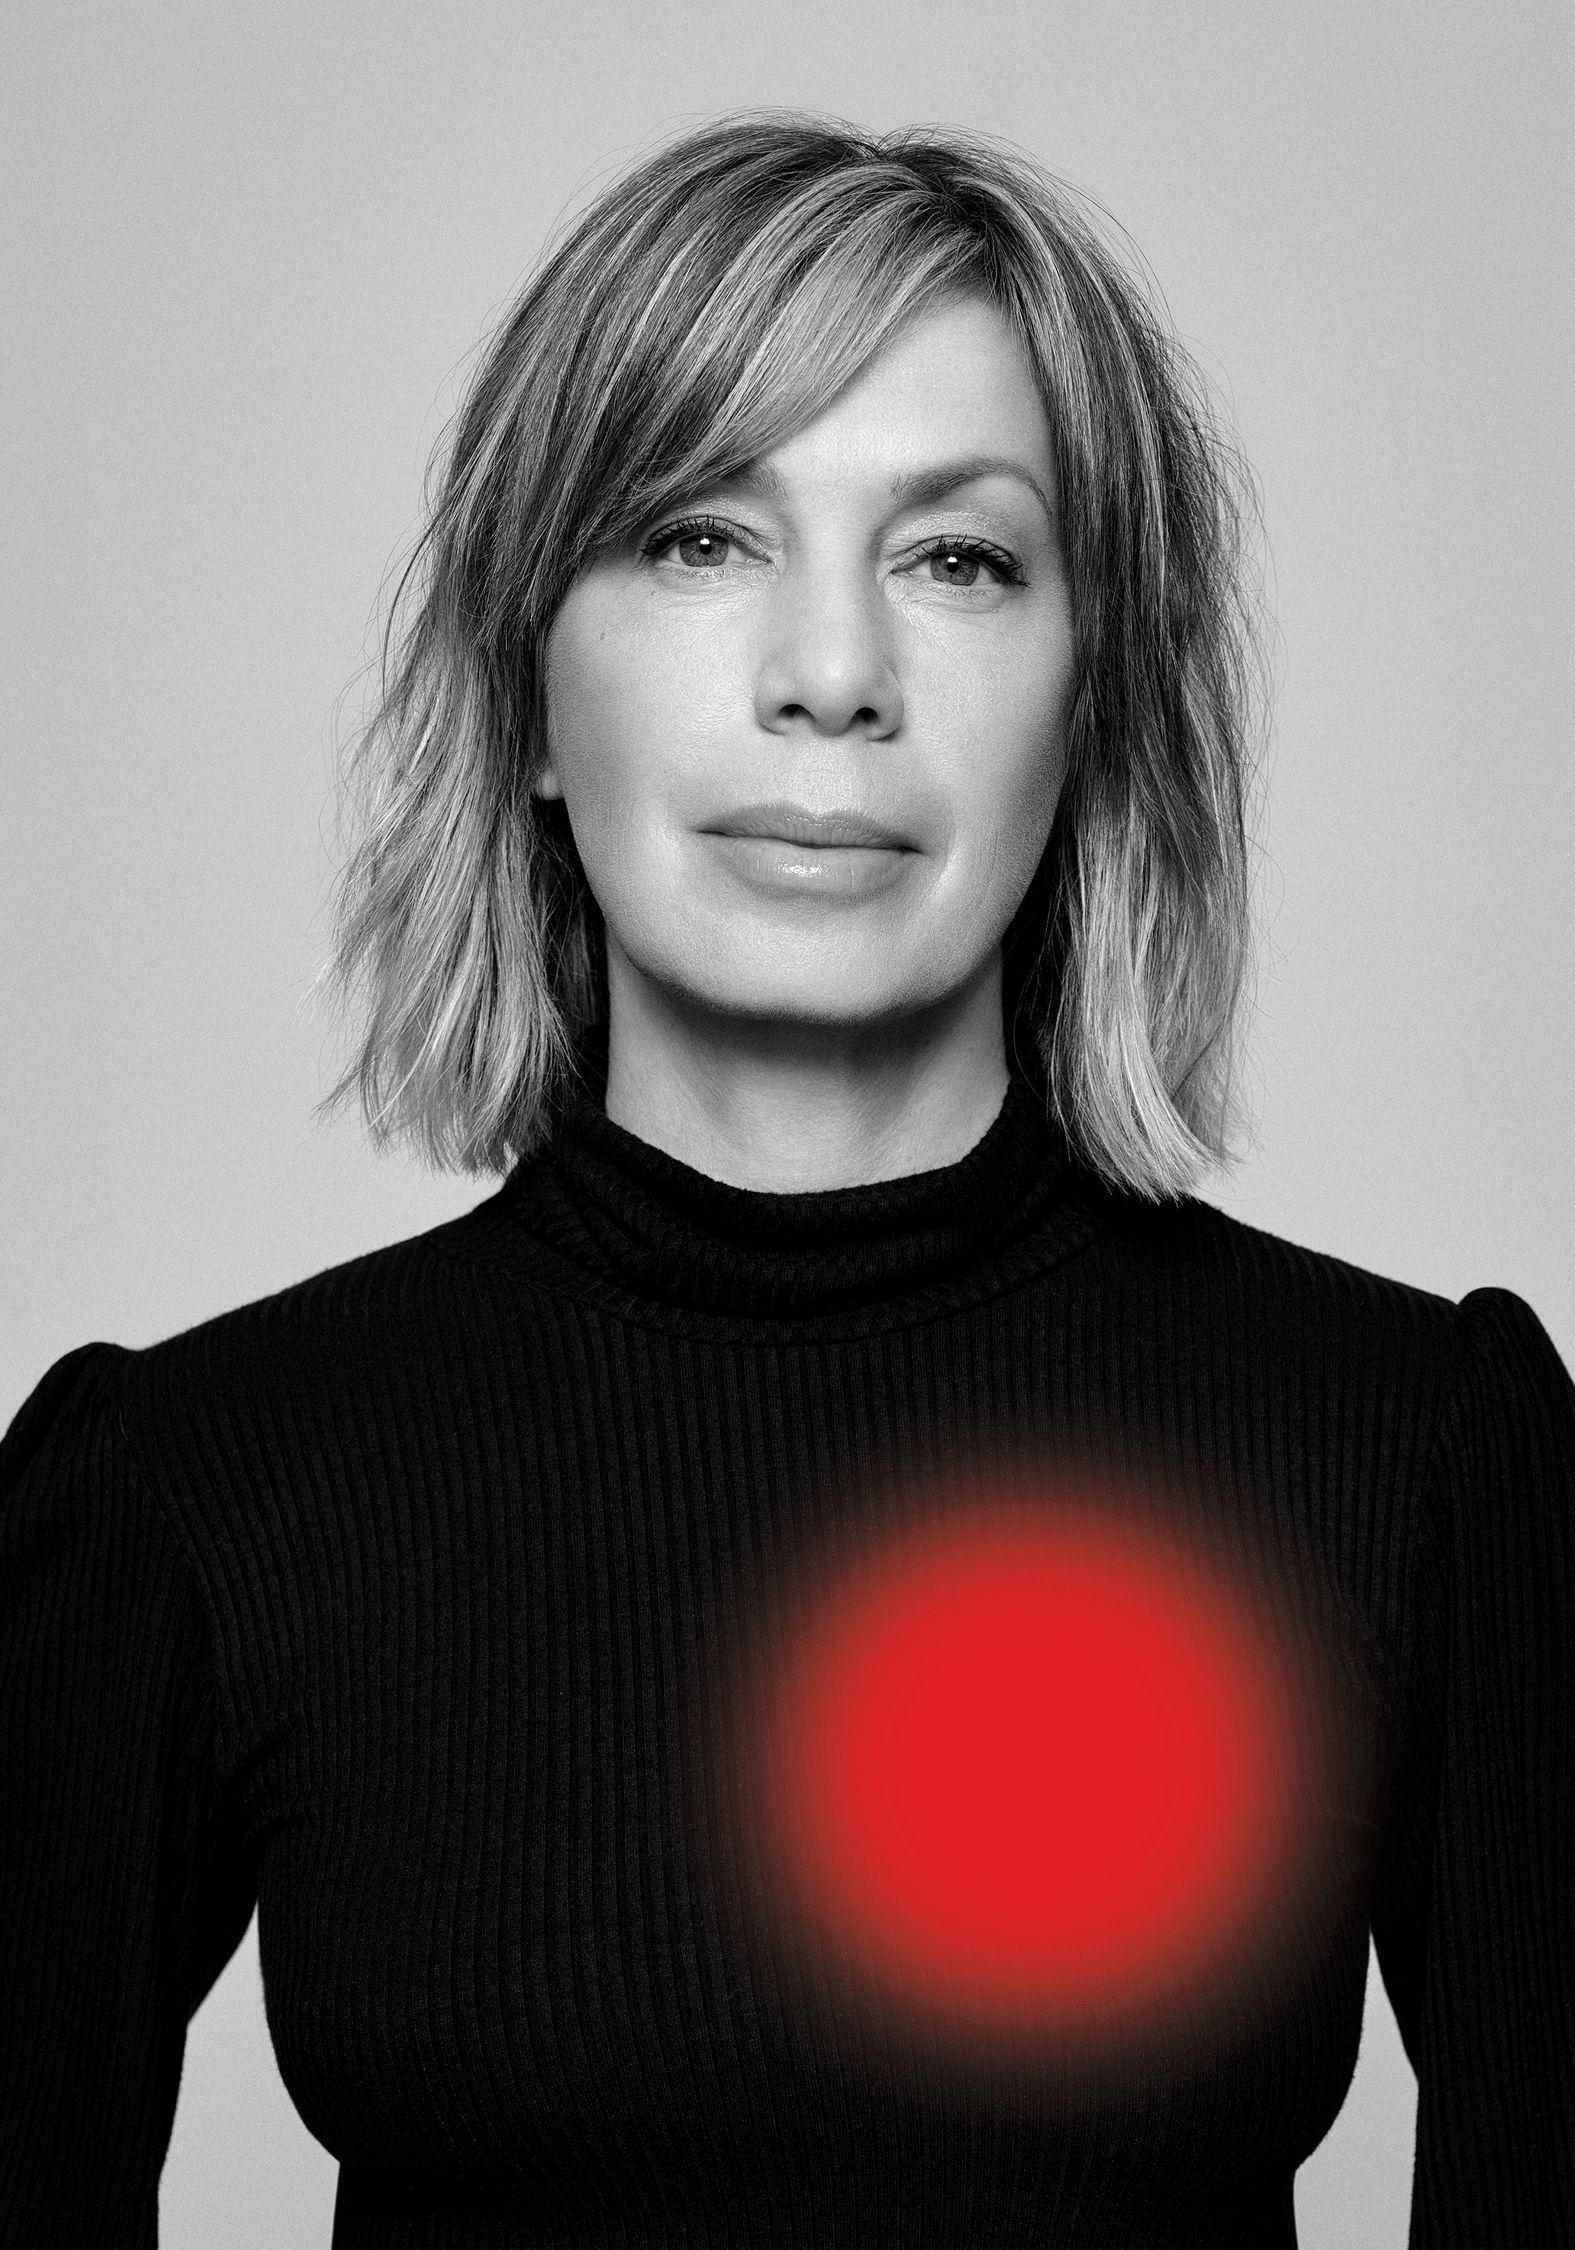 Portrait en noir et blanc de l'actrice canadienne Céline Bonnier portant un pull noir.